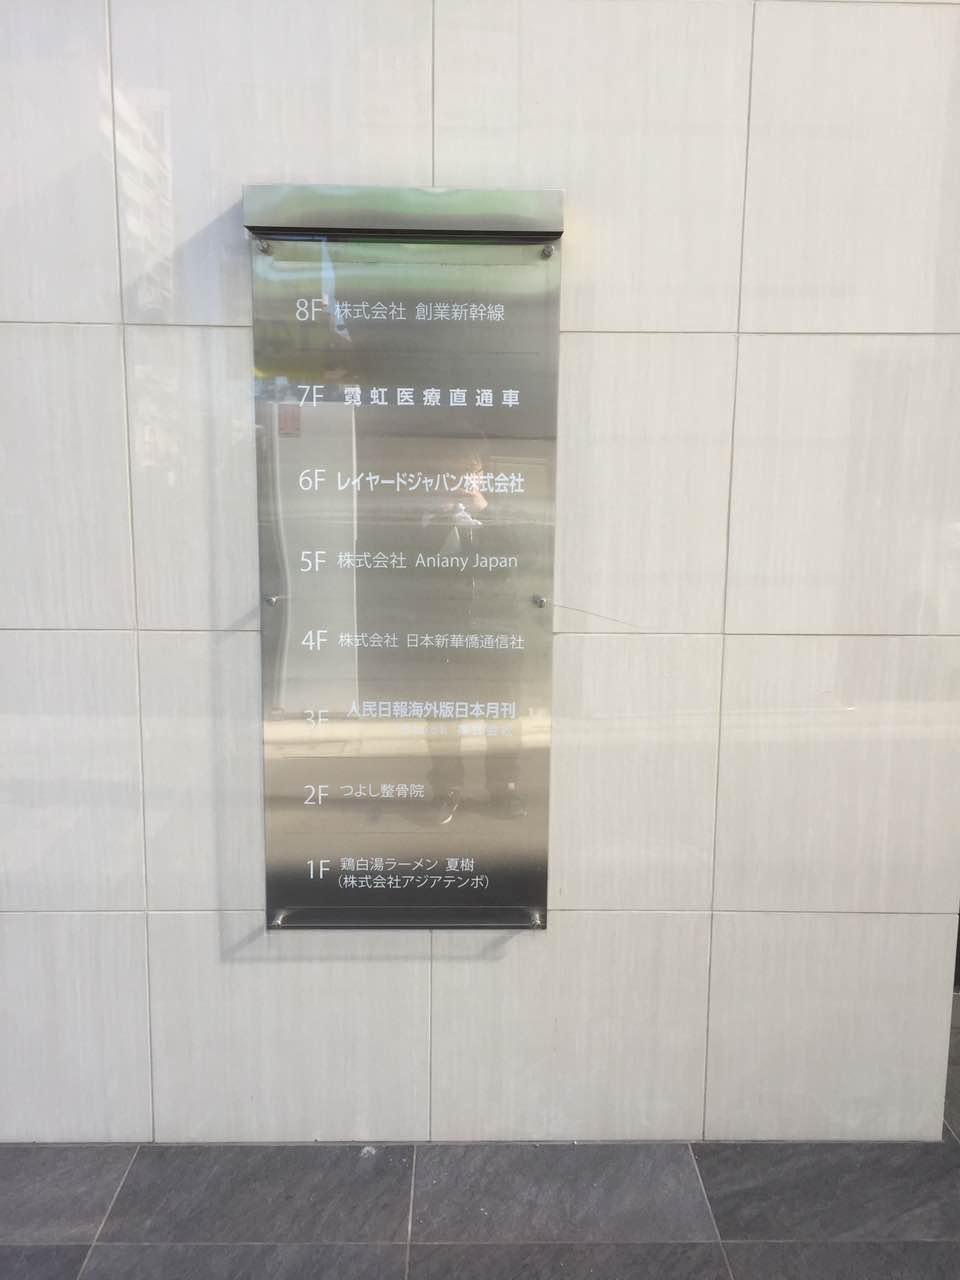 ビル案内板-カッティング切り文字